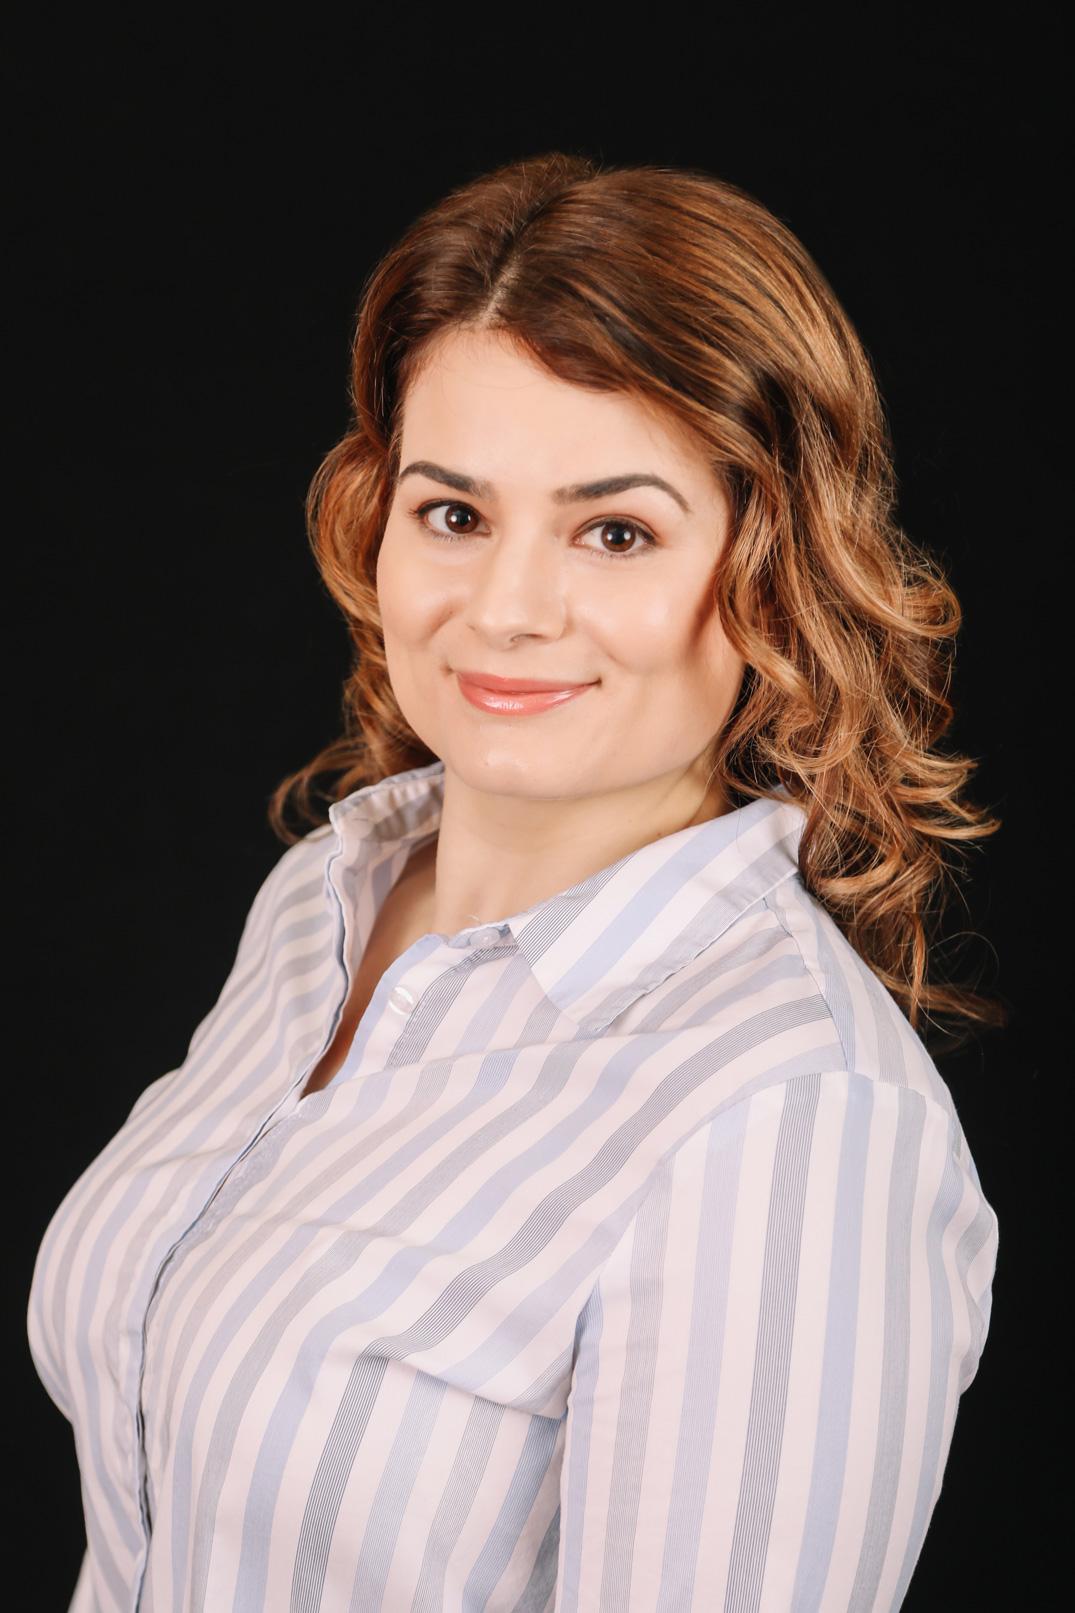 Sarah Fornos